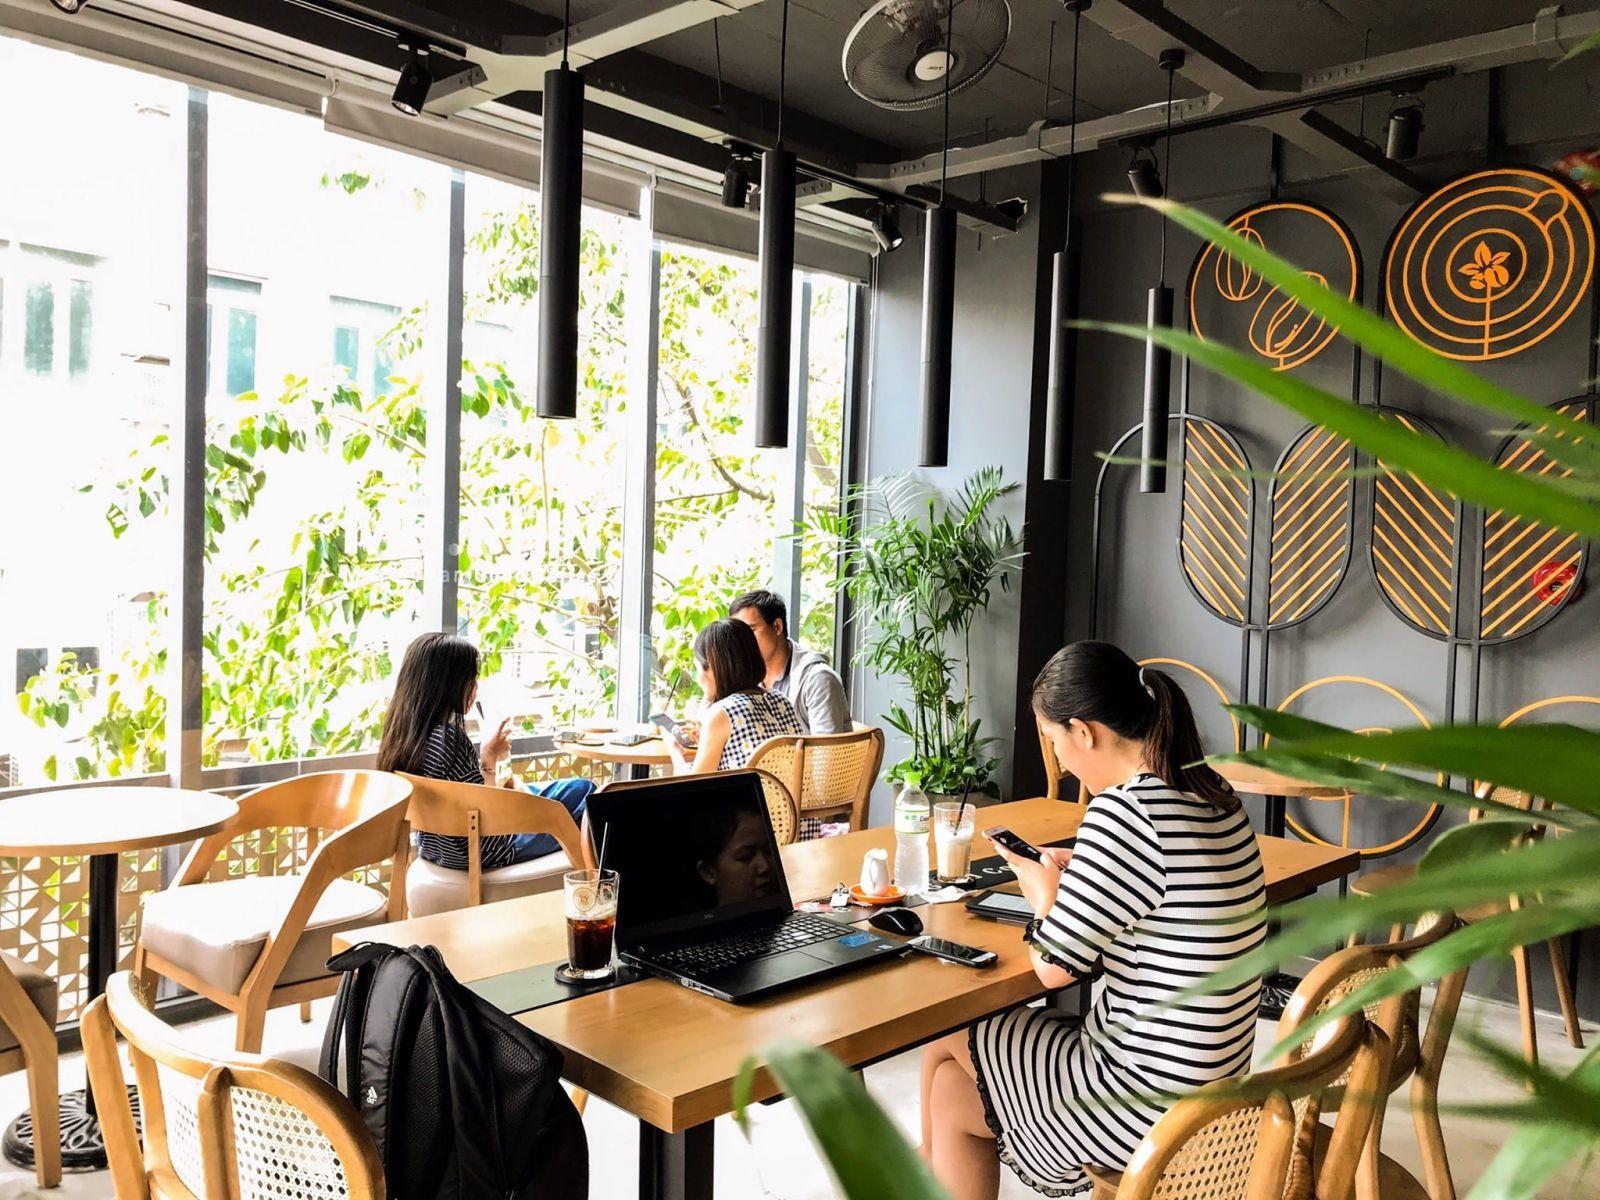 quan-cafe-mr-phin-chu-van-an